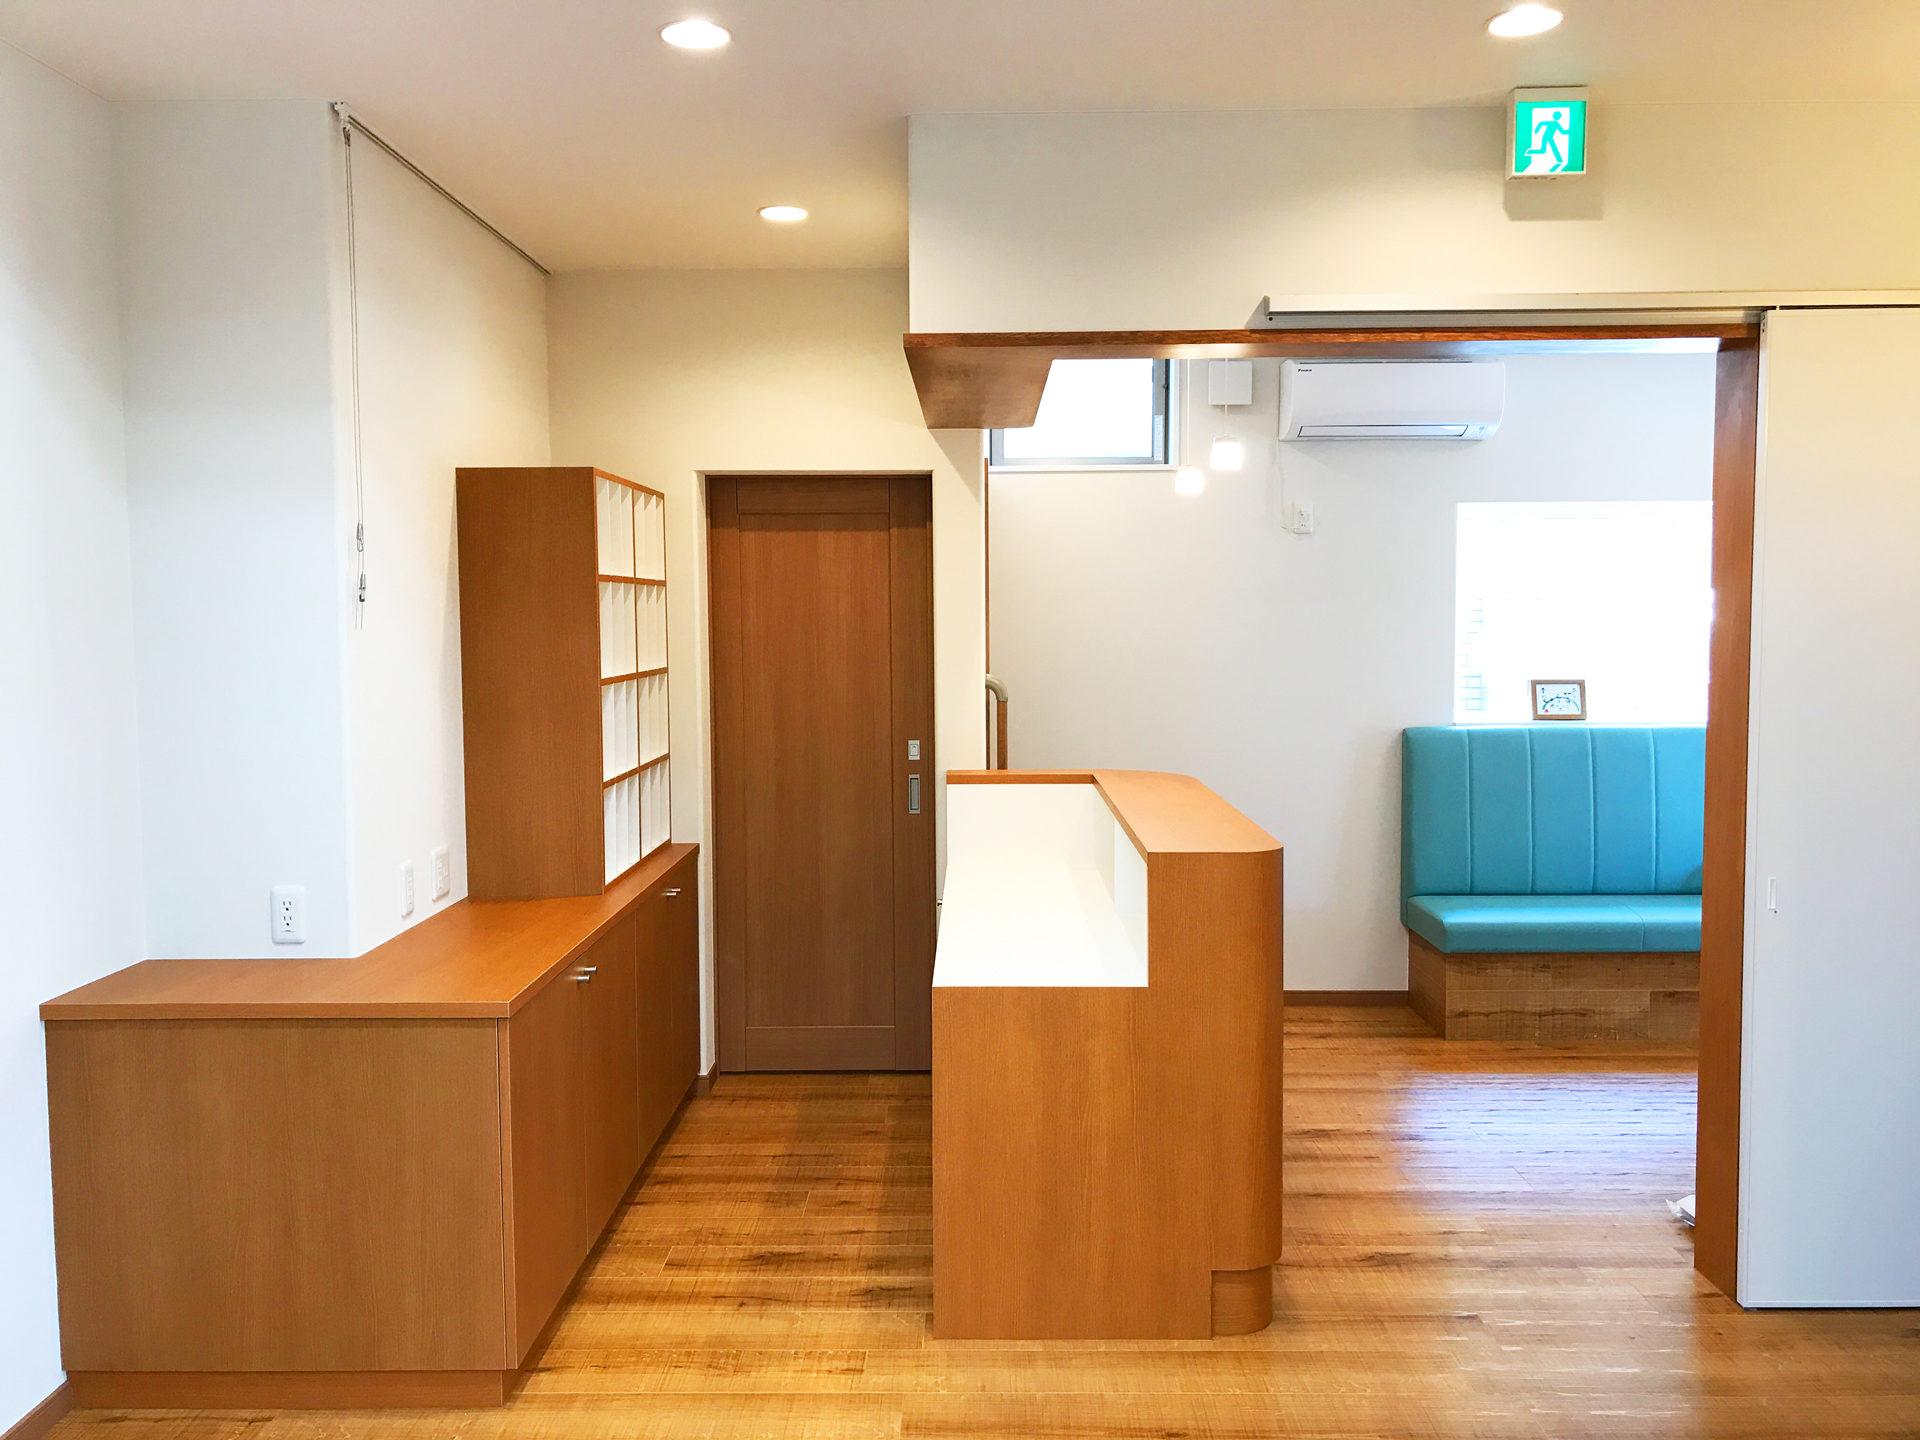 設計・デザインをした店舗(鍼灸接骨院)付き住宅の受付カウンターとカルテ棚と待合室